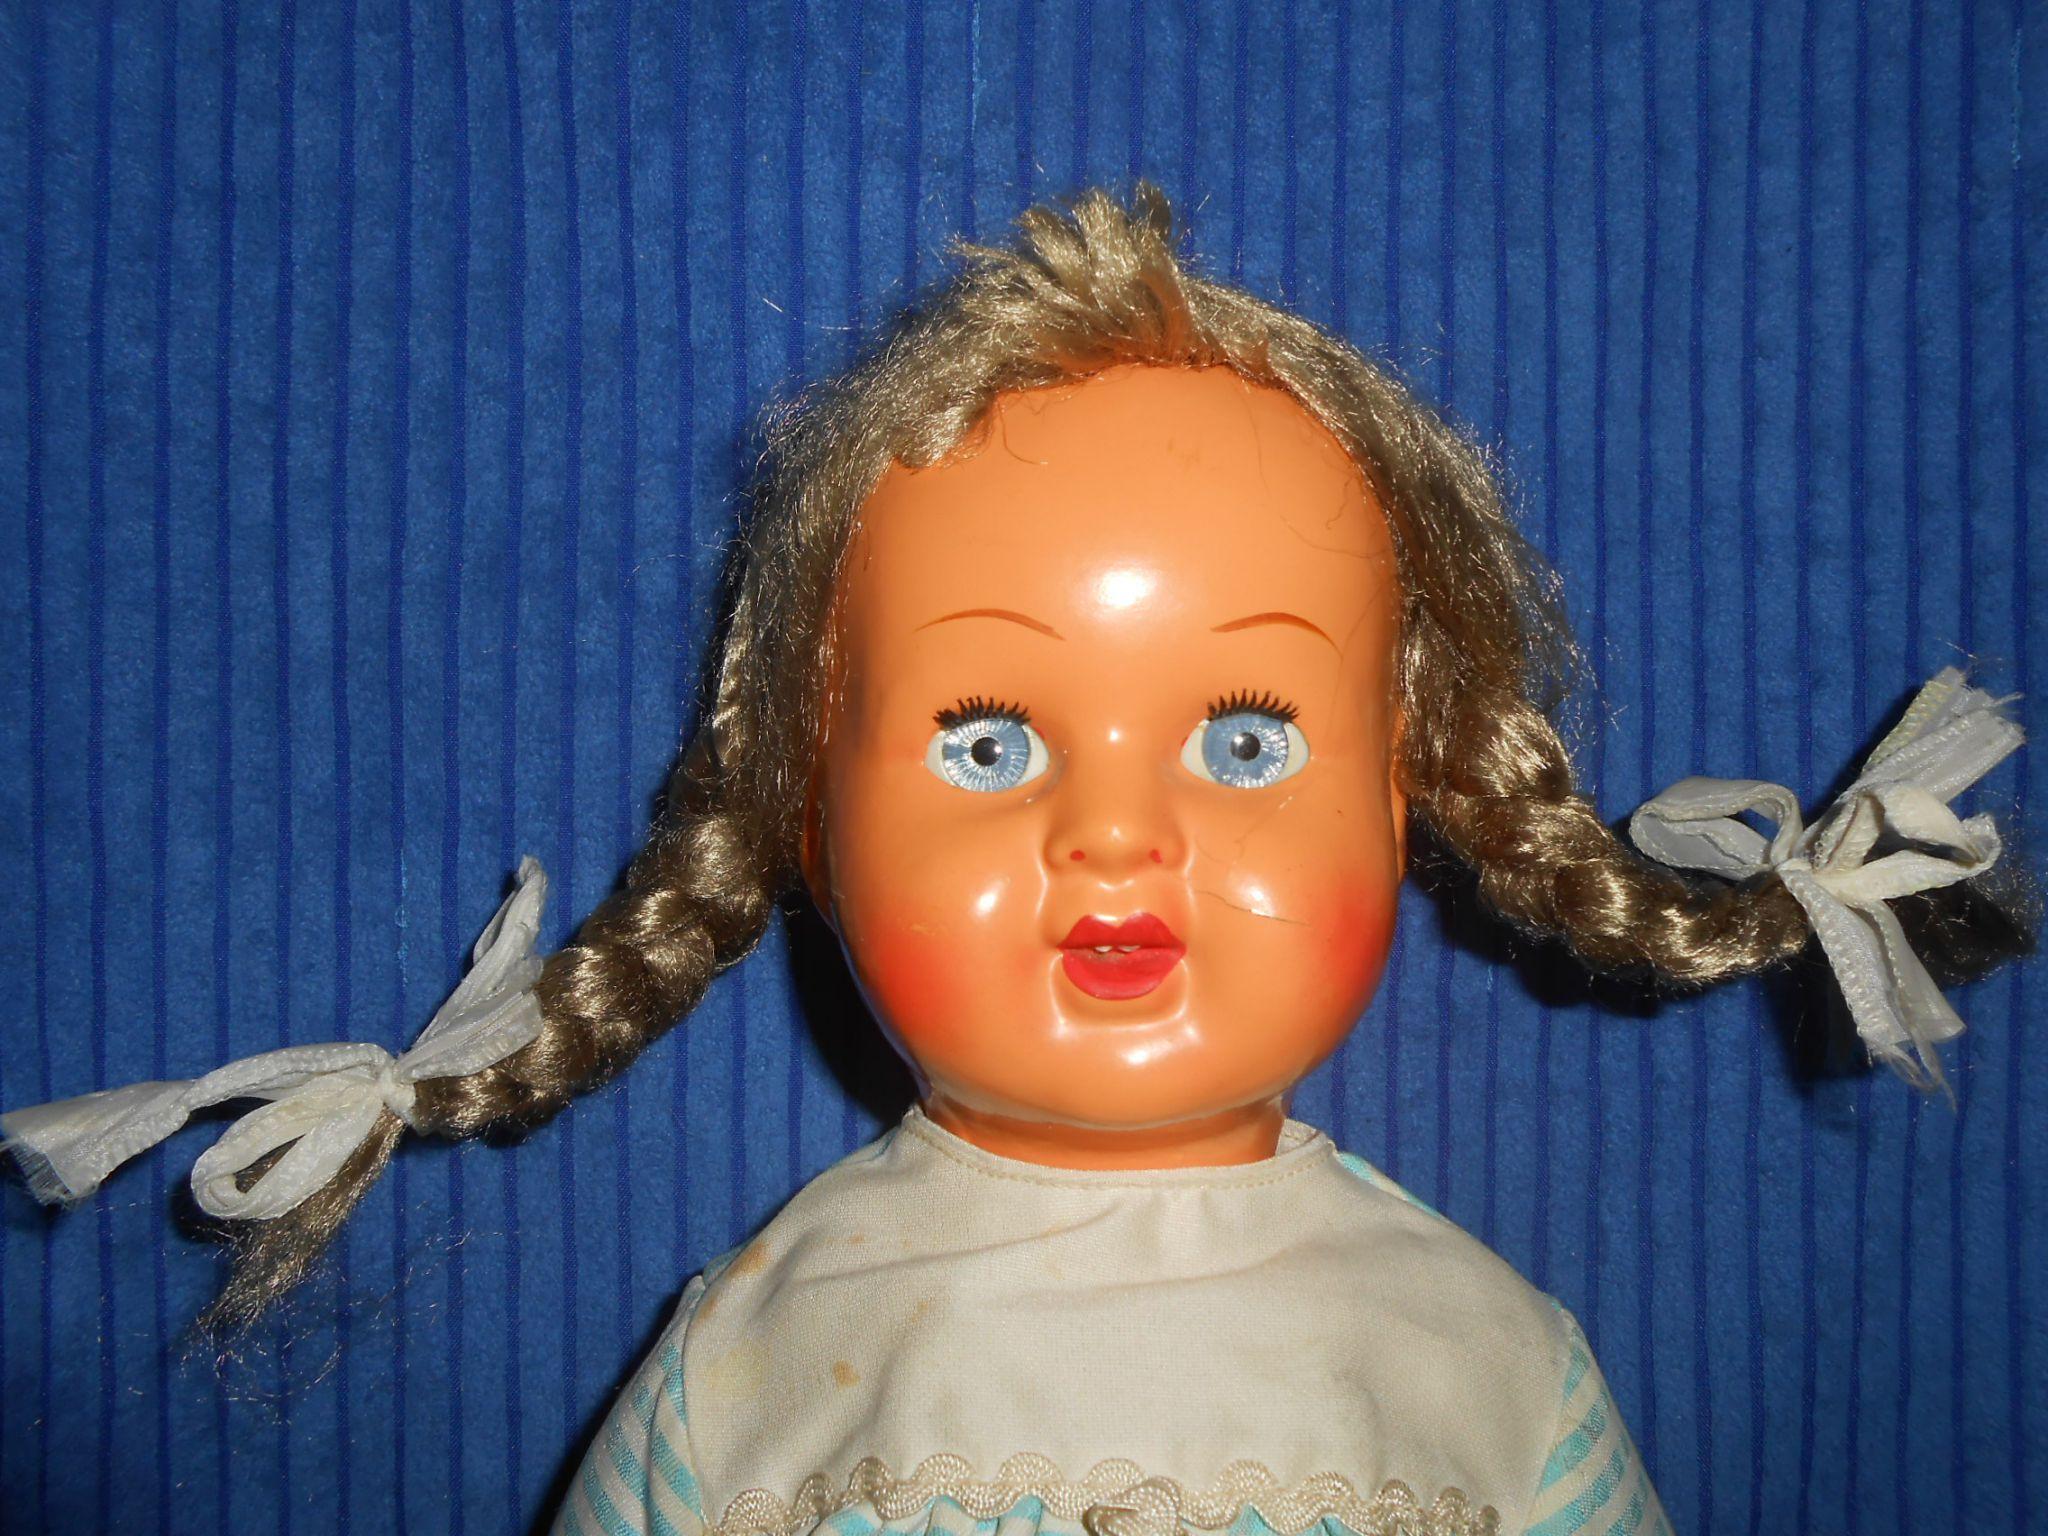 ремонт опилочной куклы по шагово с фото упаковка